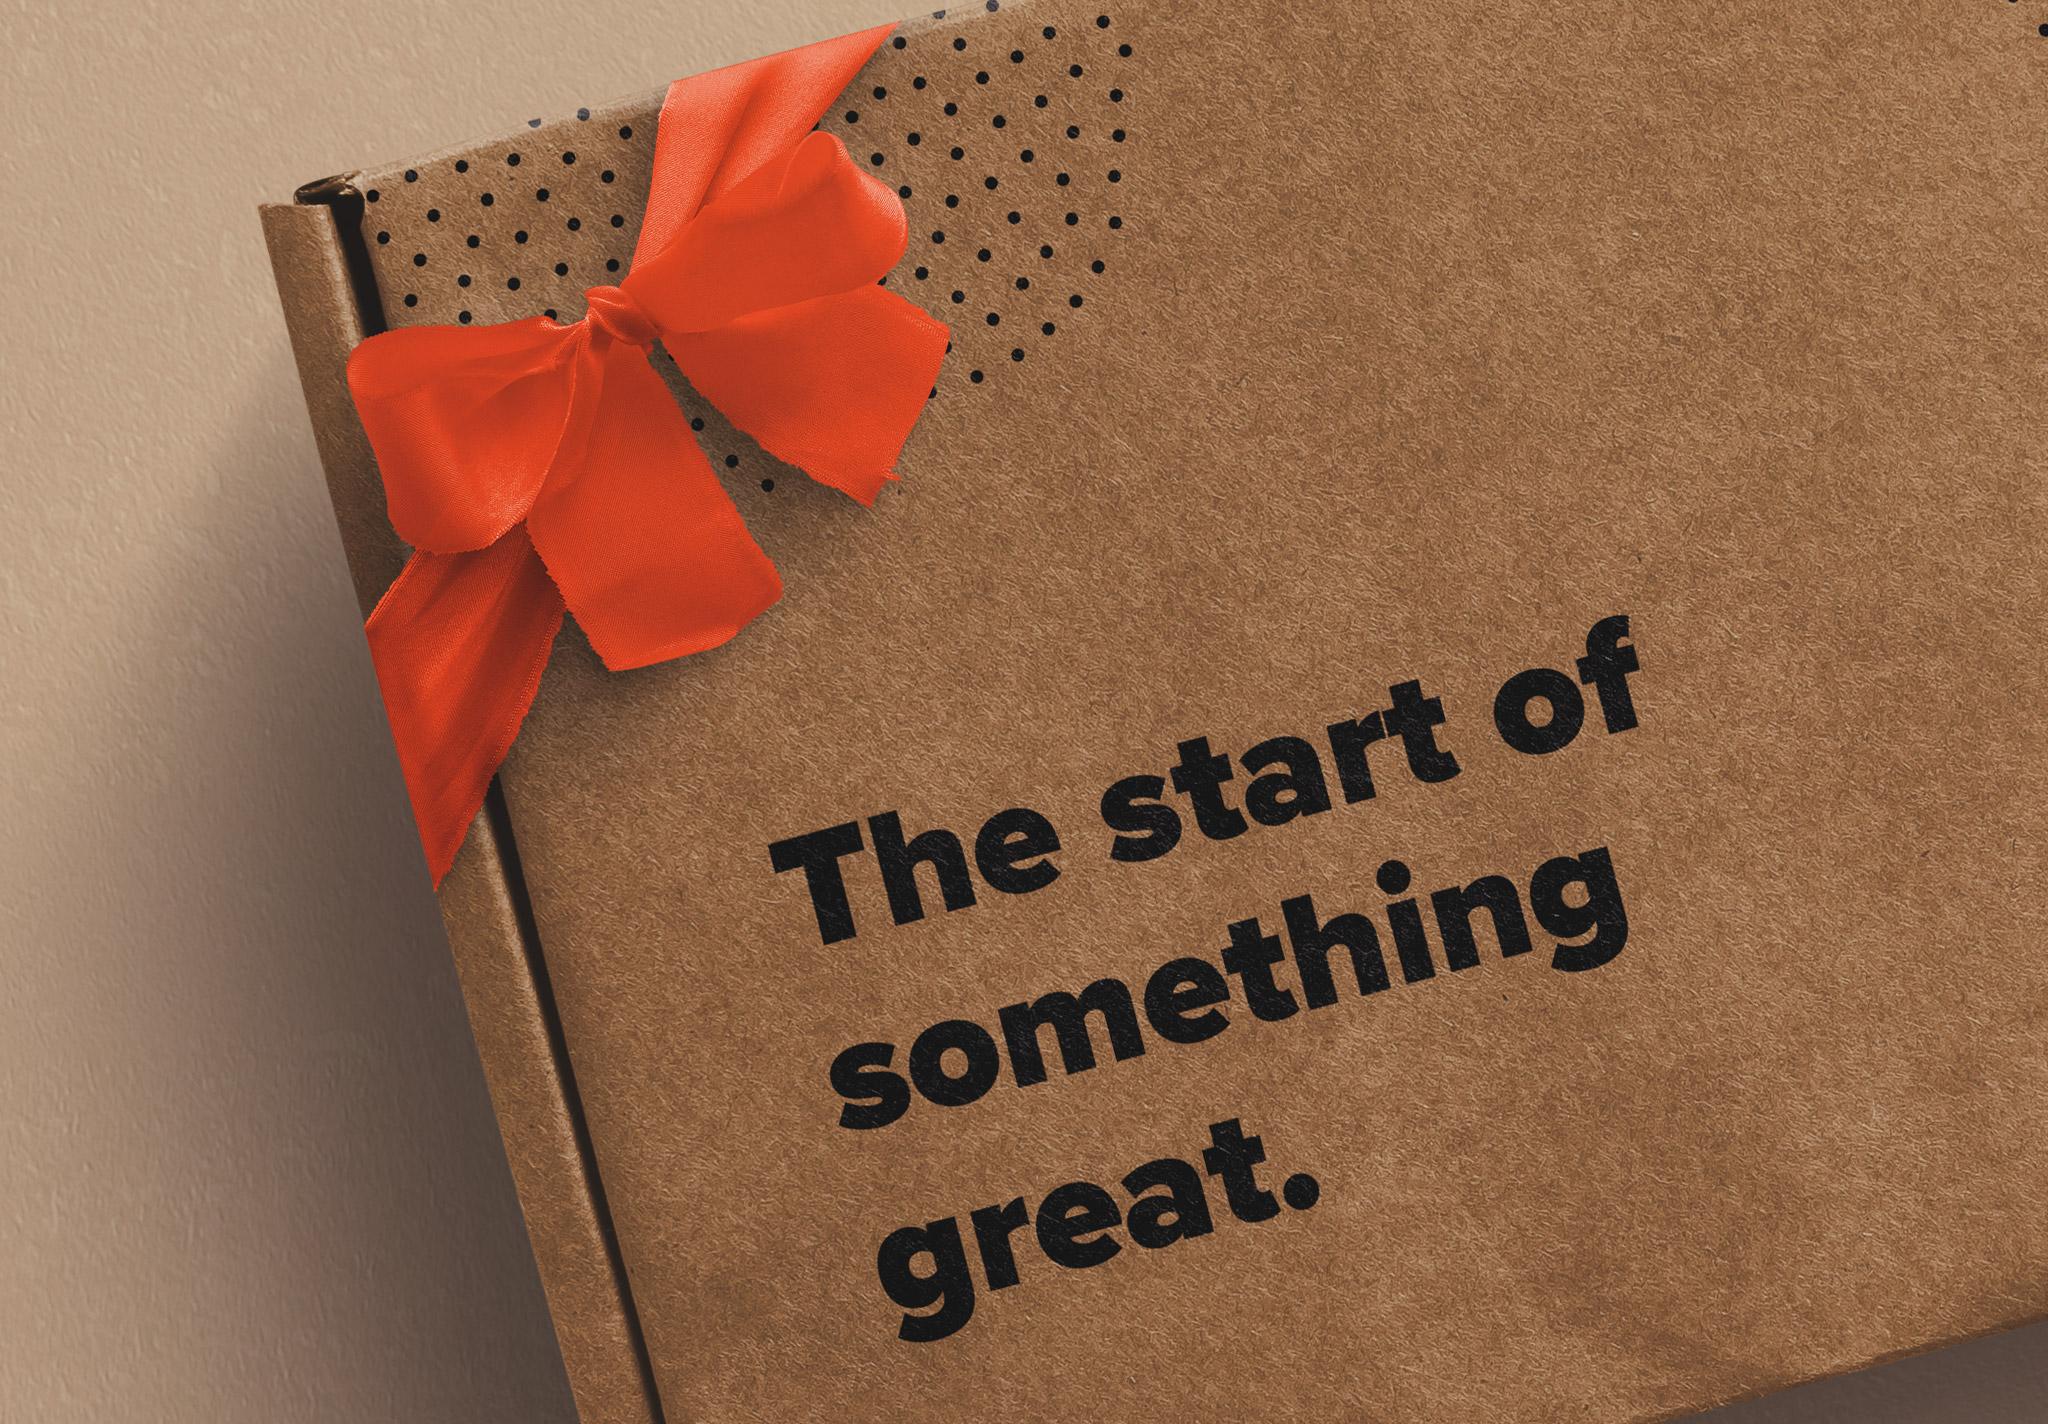 Postal Box with Bow and Ribbons Mockup image04